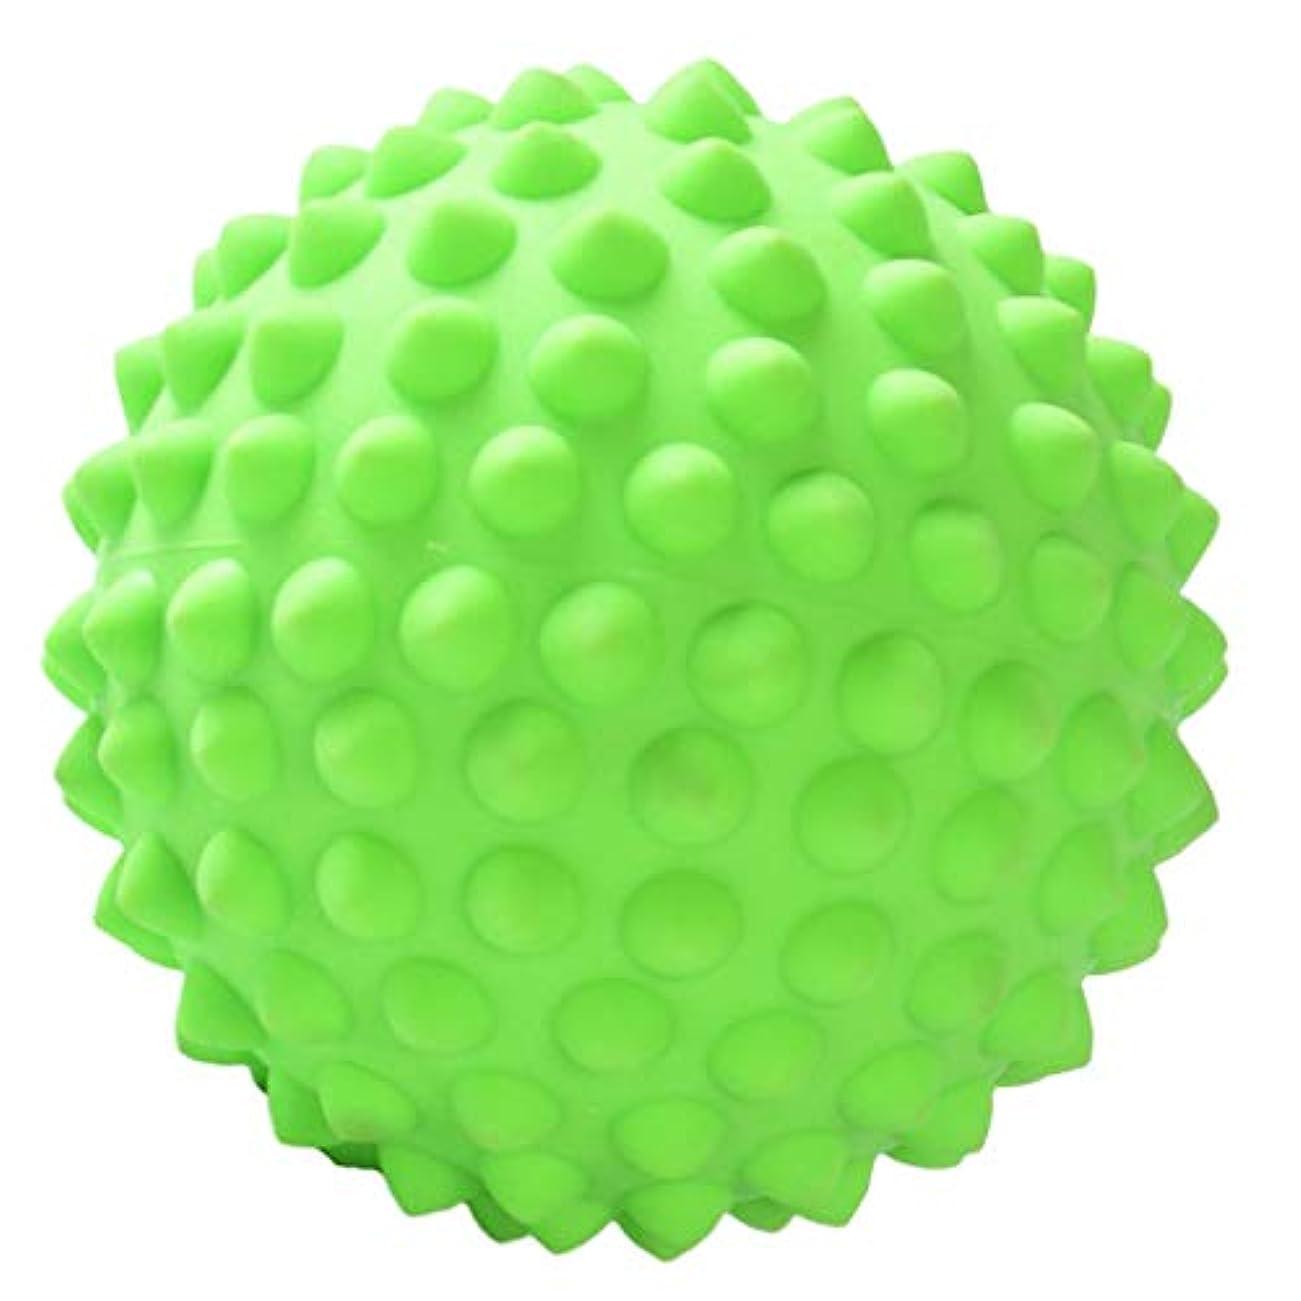 会話登録モックBaoblaze マッサージボール 約9 cm ツボ押し ジム オフィス 自宅用 3色選べ - 緑, 説明のとおり